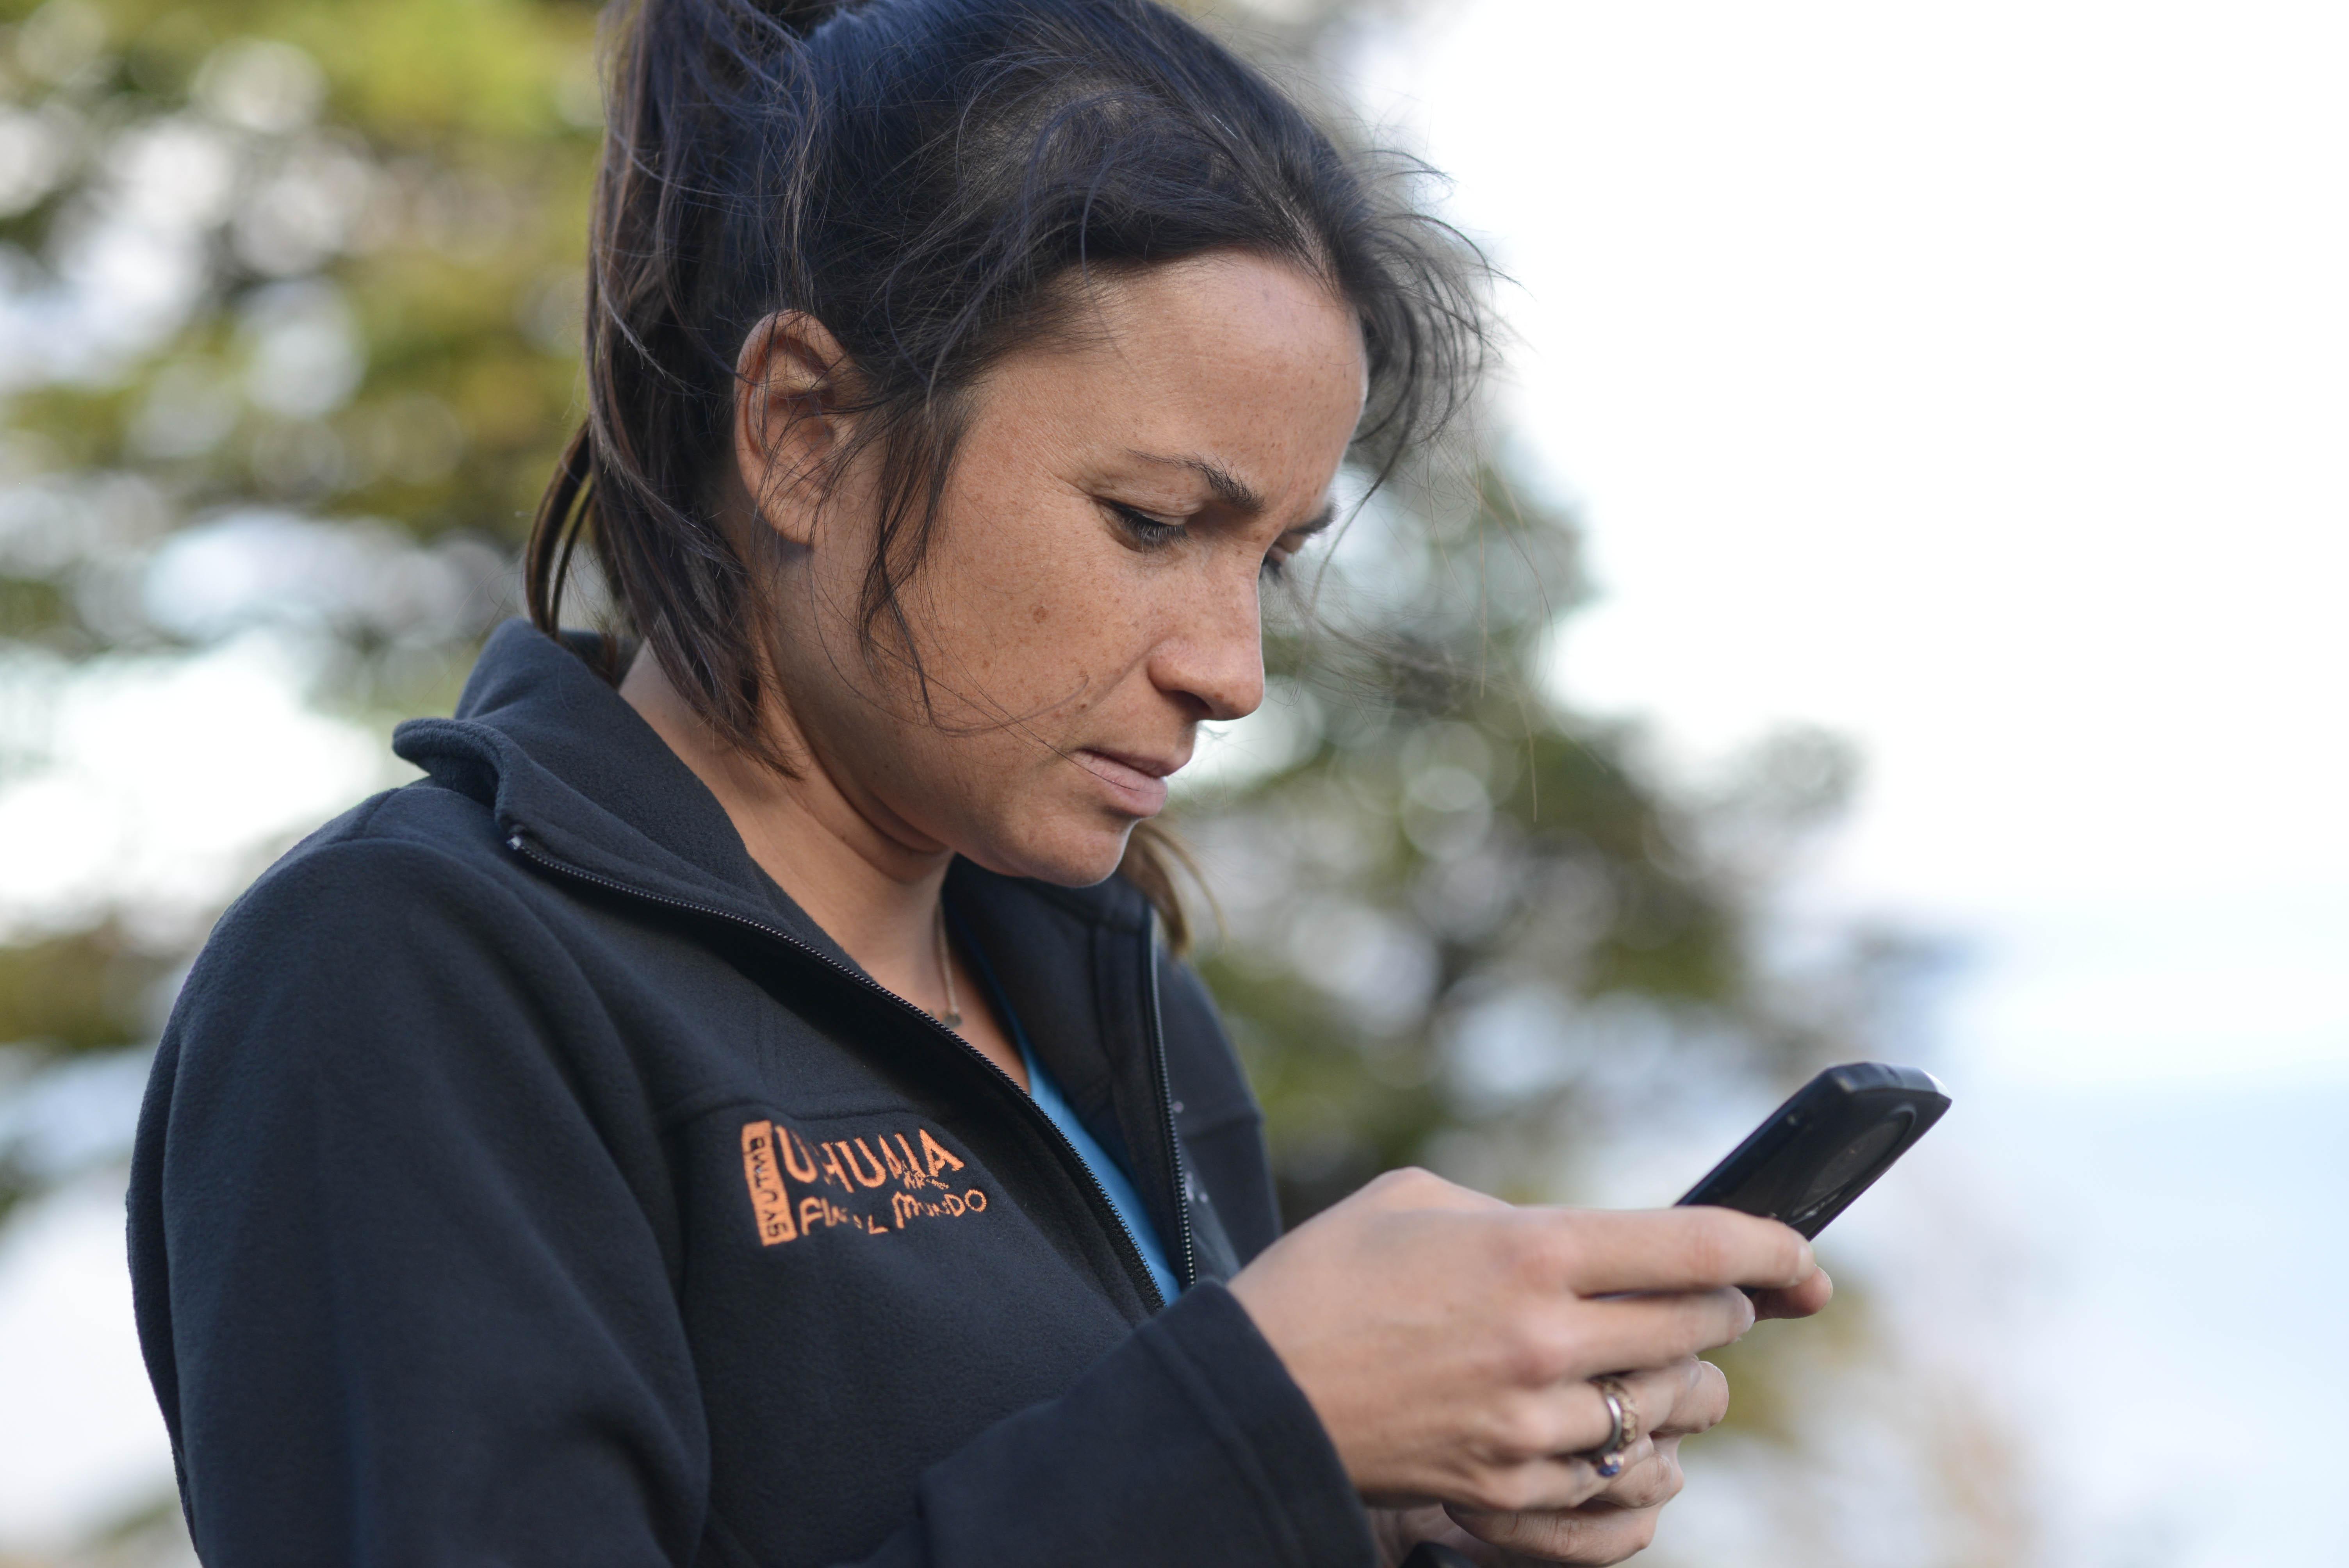 Corsa e Smartphone: correre con il telefono è ok?